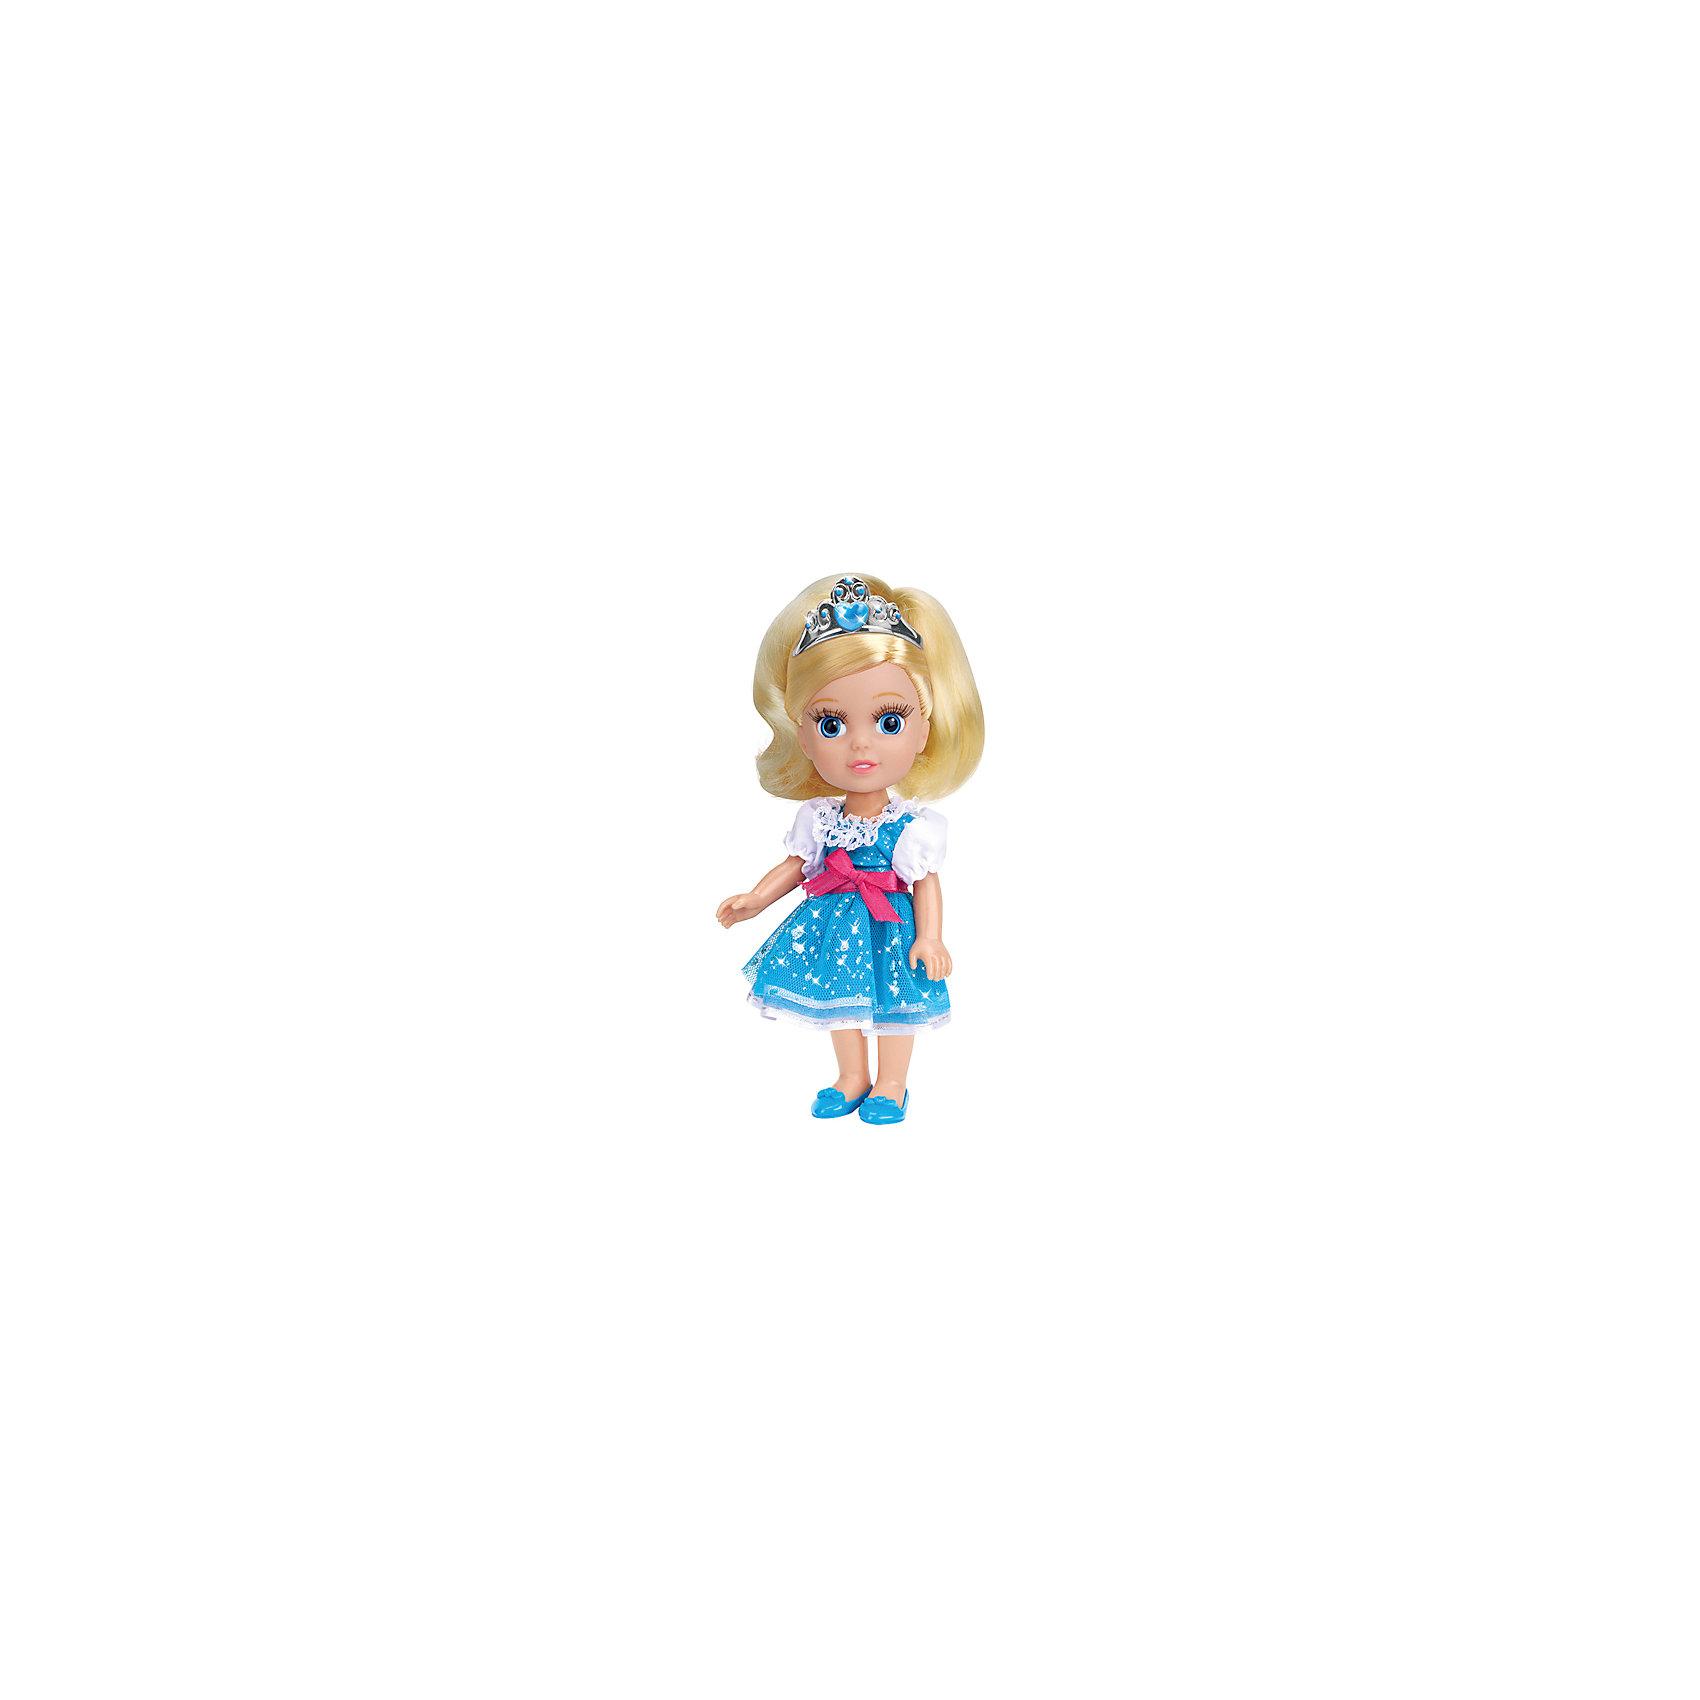 Кукла Золушка, 15 см, со звуком, Принцессы Дисней, Карапуз, с аксессуарамиВсе малышки обожают диснеевские сказки про принцесс! Но до того, как Золушка попала на бал, она была очаровательной малышкой, такой как куколка Золушка  из серии Disney Princess (Принцессы Диснея), Карапуз. Малышка Золушка совершенно очаровательное создание: у нее выразительные глазки, длинные ресницы и шелковистые волосы.  Девочка будет с восхищением расчесывать Золушку, переодевать и слушать замечательную песенку. Прекрасное платьице малышки можно снимать и придумывать ей другие наряды, еще Золушка умеет говорить! Золушка довольно компактная, благодаря чему ее легко везде брать с собой!<br><br>Дополнительная информация:<br><br>- Комплект: кукла, расческа, диадема, туфельки;<br>- Куколка говорит фразу и поет песенку;<br>- Куколка создана по мотивам мультфильмов Disney (Дисней);<br>- Работает от  батареек: 3 х AG3 / LR41 (таблетки);<br>- Материал: пластик, текстиль;<br>- Прекрасная детализация;<br>- Ручки и ножки подвижны;<br>- Высота куколки: 15 см;<br>- Вес: 170 г<br><br>Куклу Золушка, 15 см, со звуком, Disney Princess (Принцессы Диснея), Карапуз, с аксессуарами можно купить в нашем интернет-магазине.<br><br>Ширина мм: 210<br>Глубина мм: 150<br>Высота мм: 70<br>Вес г: 170<br>Возраст от месяцев: 36<br>Возраст до месяцев: 84<br>Пол: Женский<br>Возраст: Детский<br>SKU: 3996821